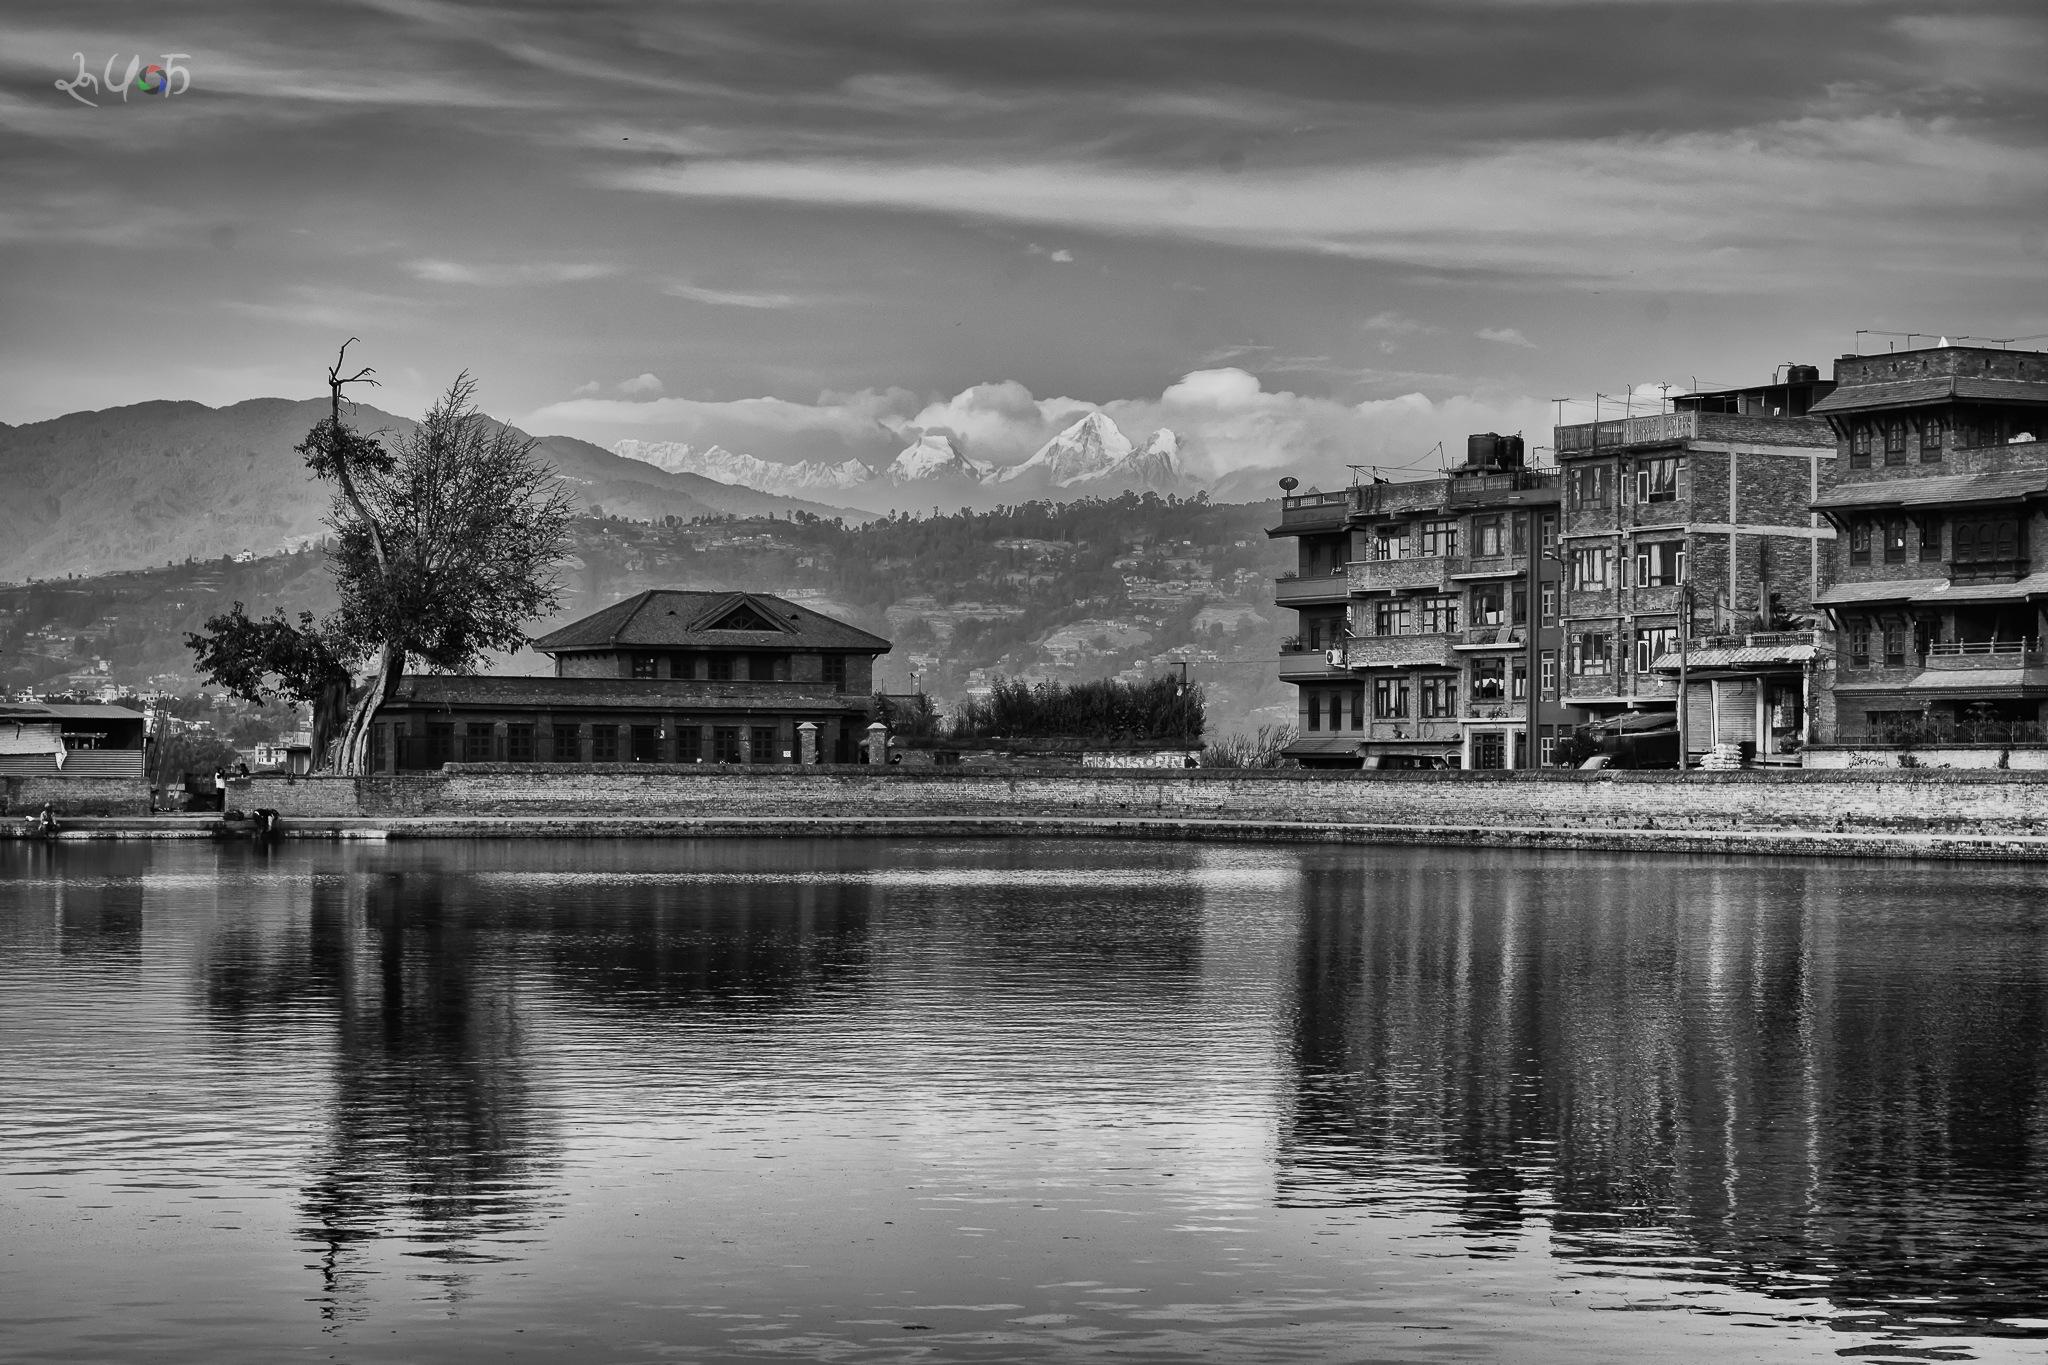 Siddha Pokhari by Rupak Sunwar